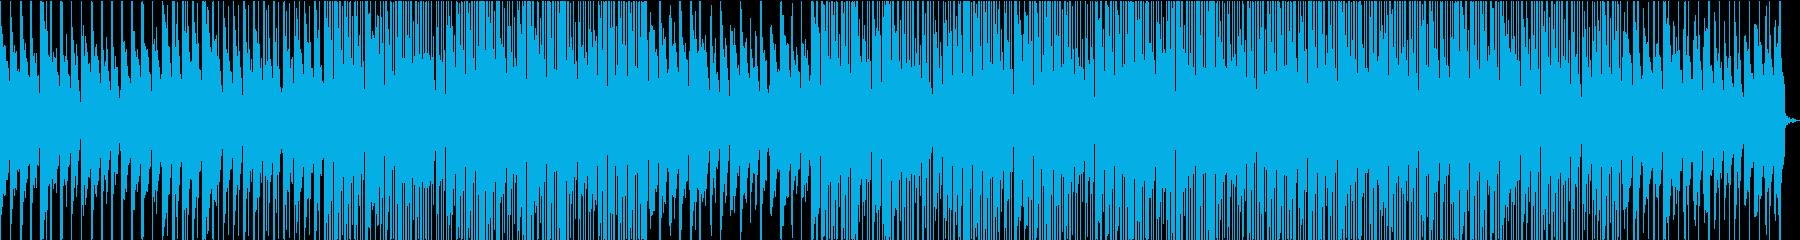 ローファイオーガニック・おしゃれな映像の再生済みの波形